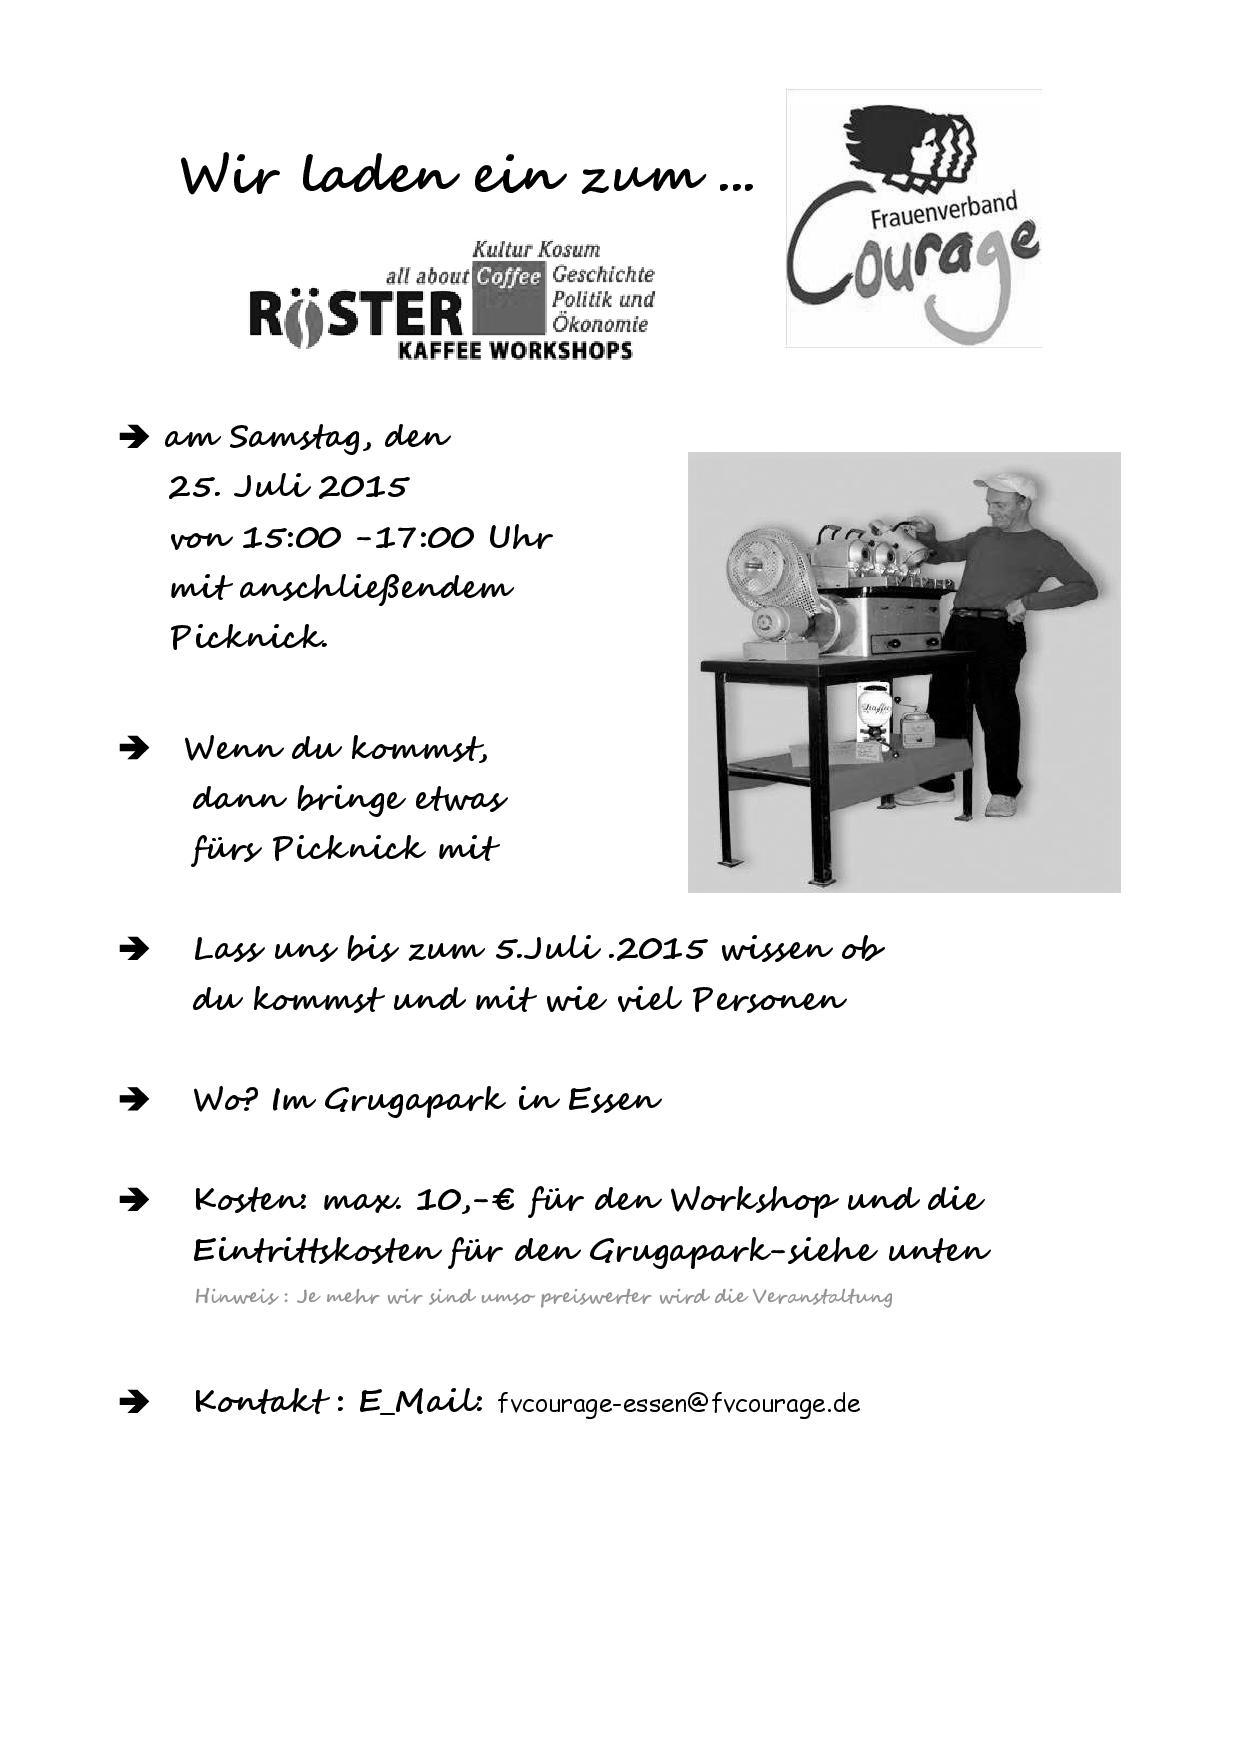 Einladung zum Workshop mit Preisliste